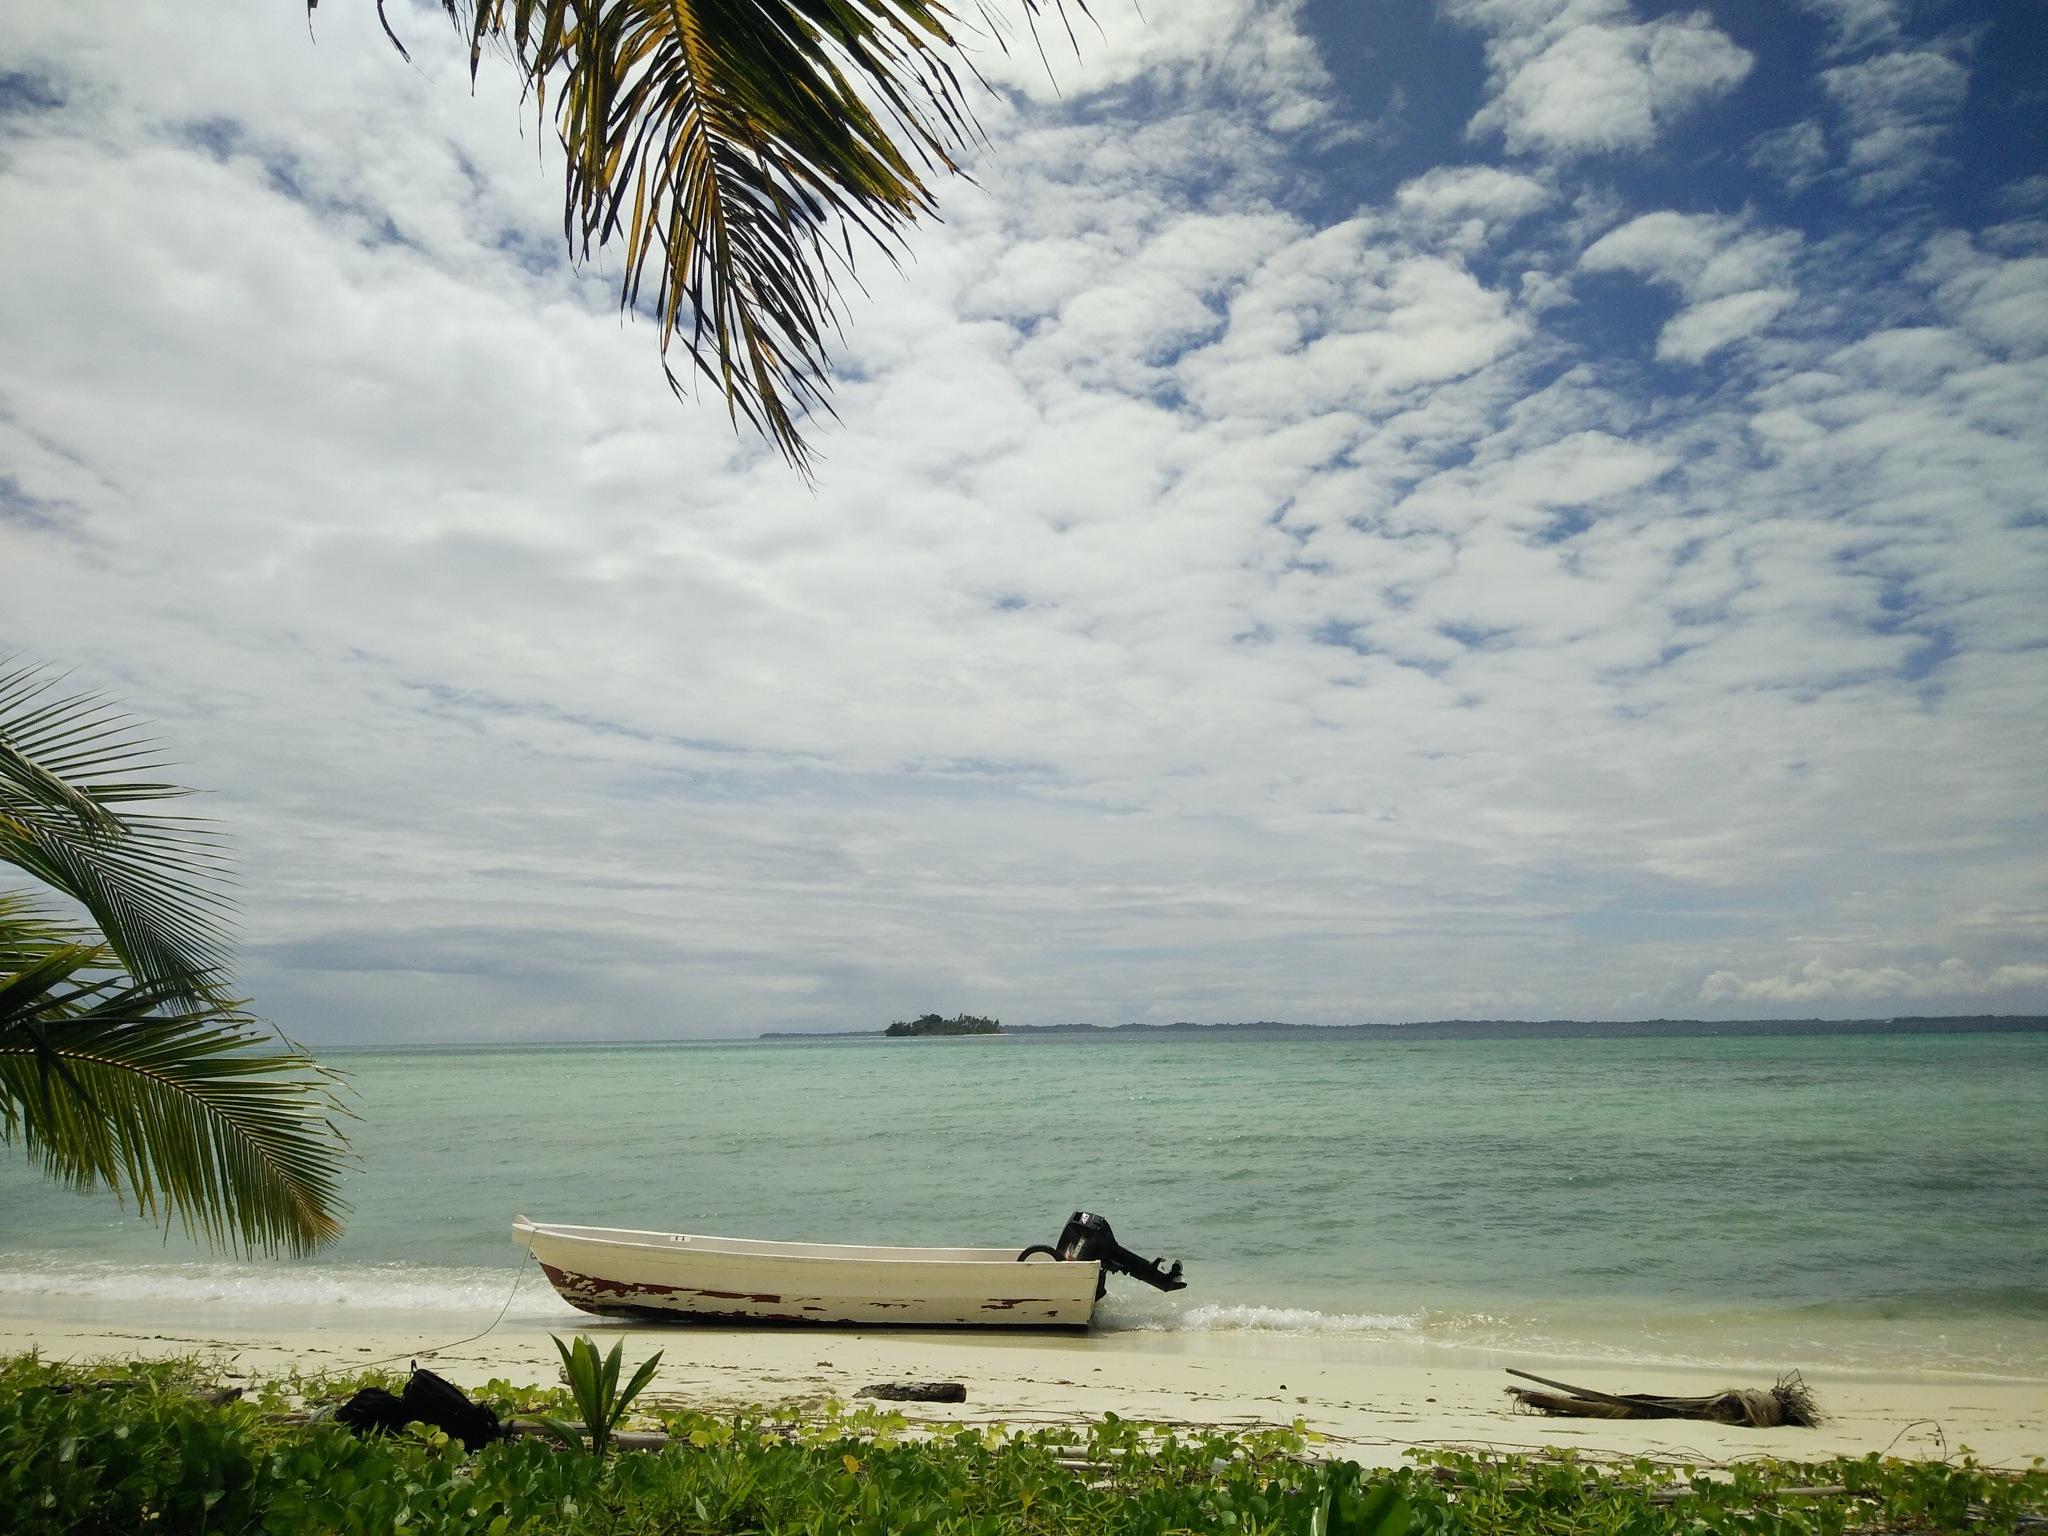 asok island by Elvys